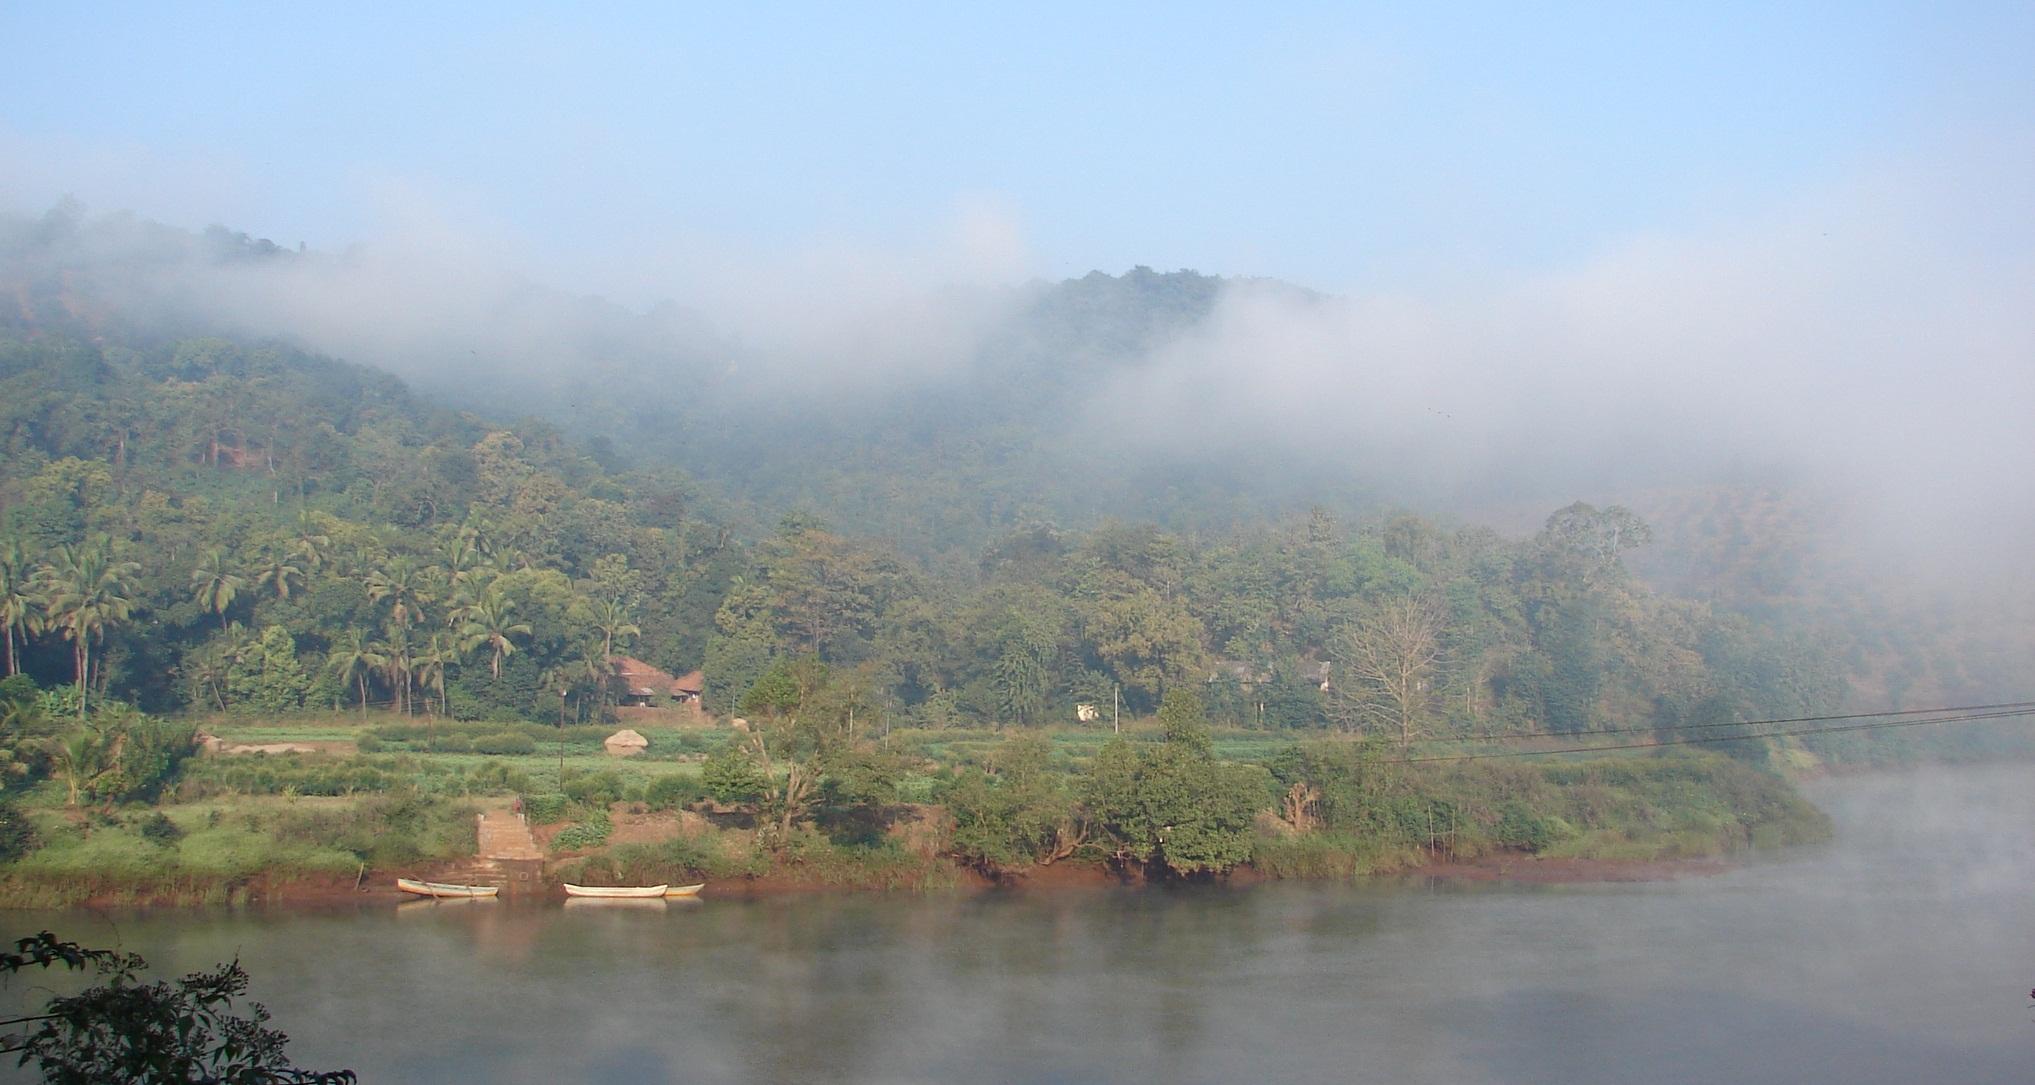 Estuary of the free flowing Shashtri River in Maharashtra